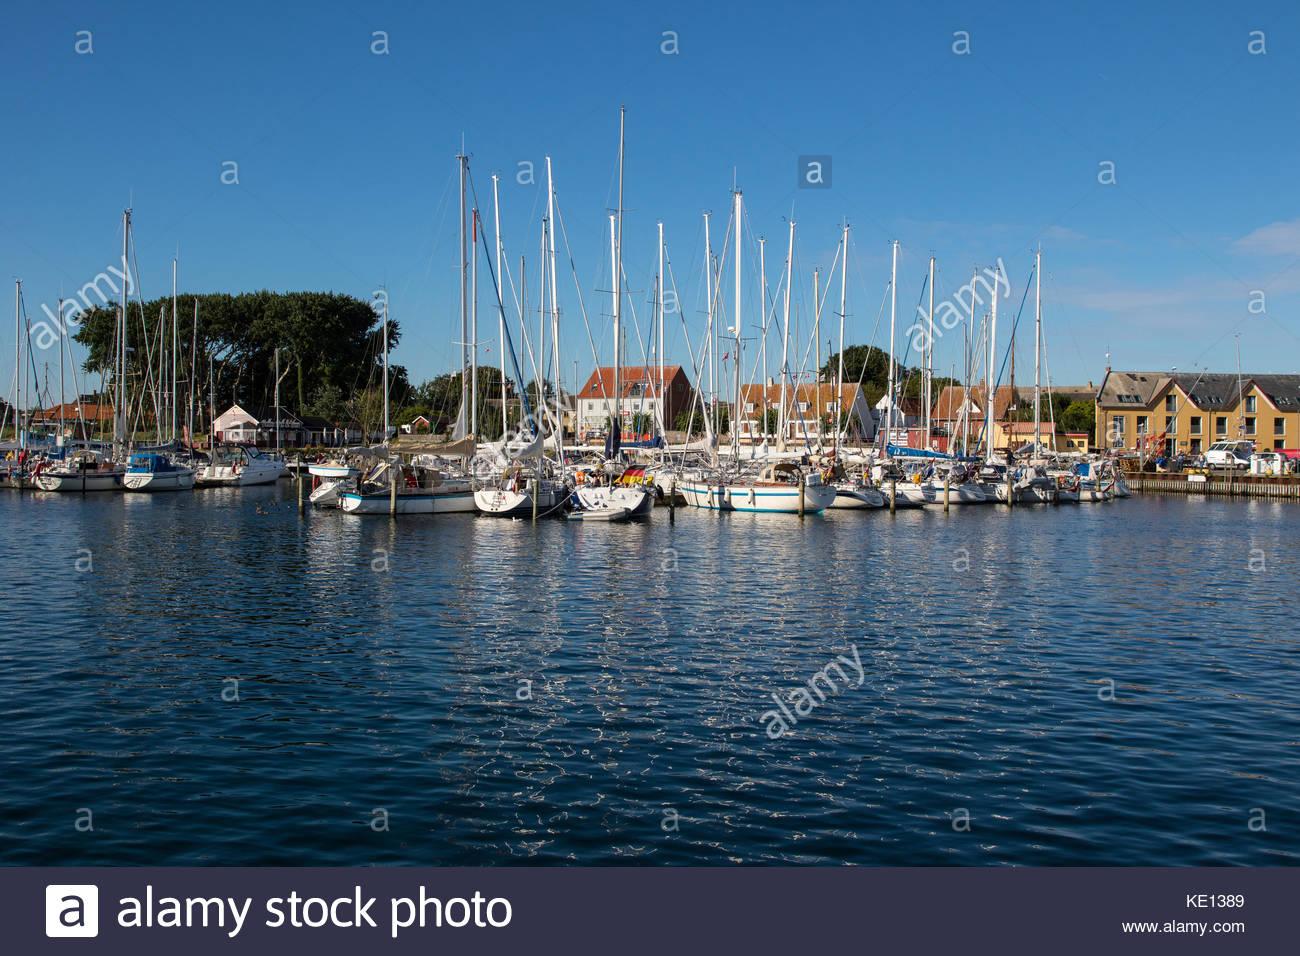 harbour of ballen at samsø, kattegat, denmark / hafen von ballen, samsø, kattegat, dänemark - Stock Image